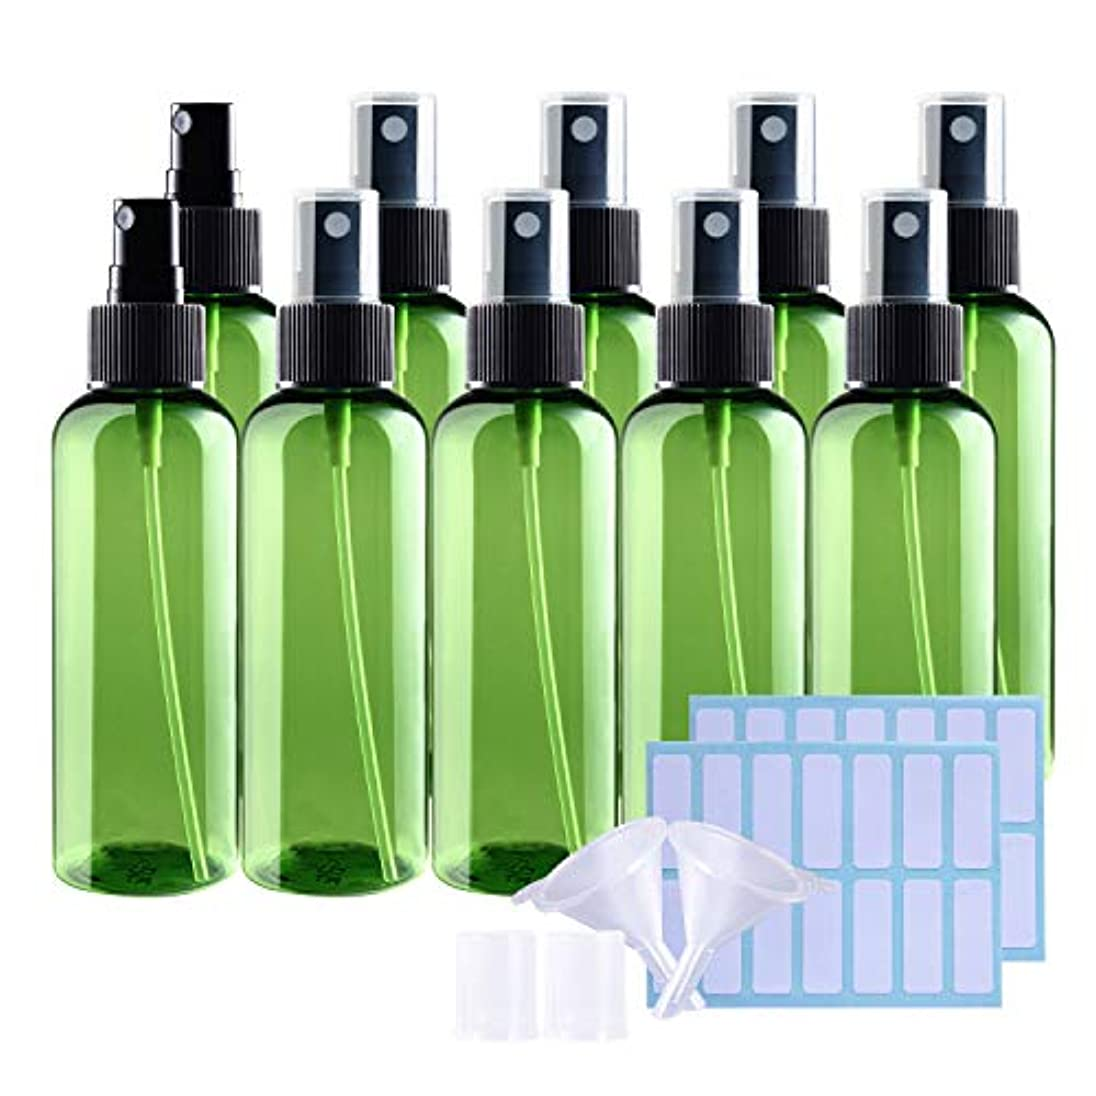 告白適応的戻す100mlスプレーボトル 10個セット遮光瓶 小分けボトル プラスチック容器 液体用空ボトル 押し式詰替用ボトル 詰め替え シャンプー クリーム 化粧品 収納瓶(緑 10本)